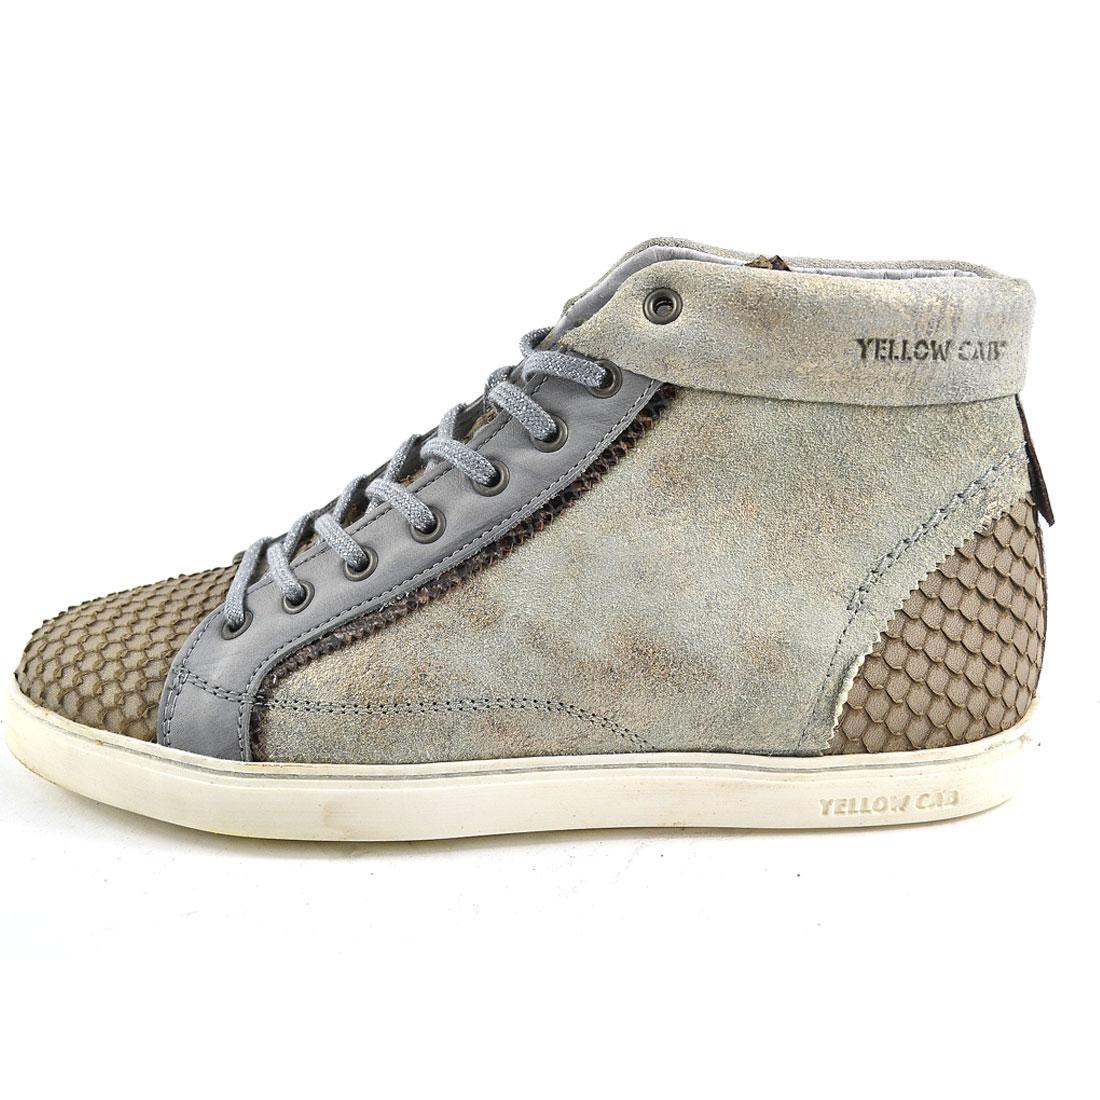 Yellow Cab Damen Sneaker Y25142 Mild W Hi Top Schuhe Off White Weiß